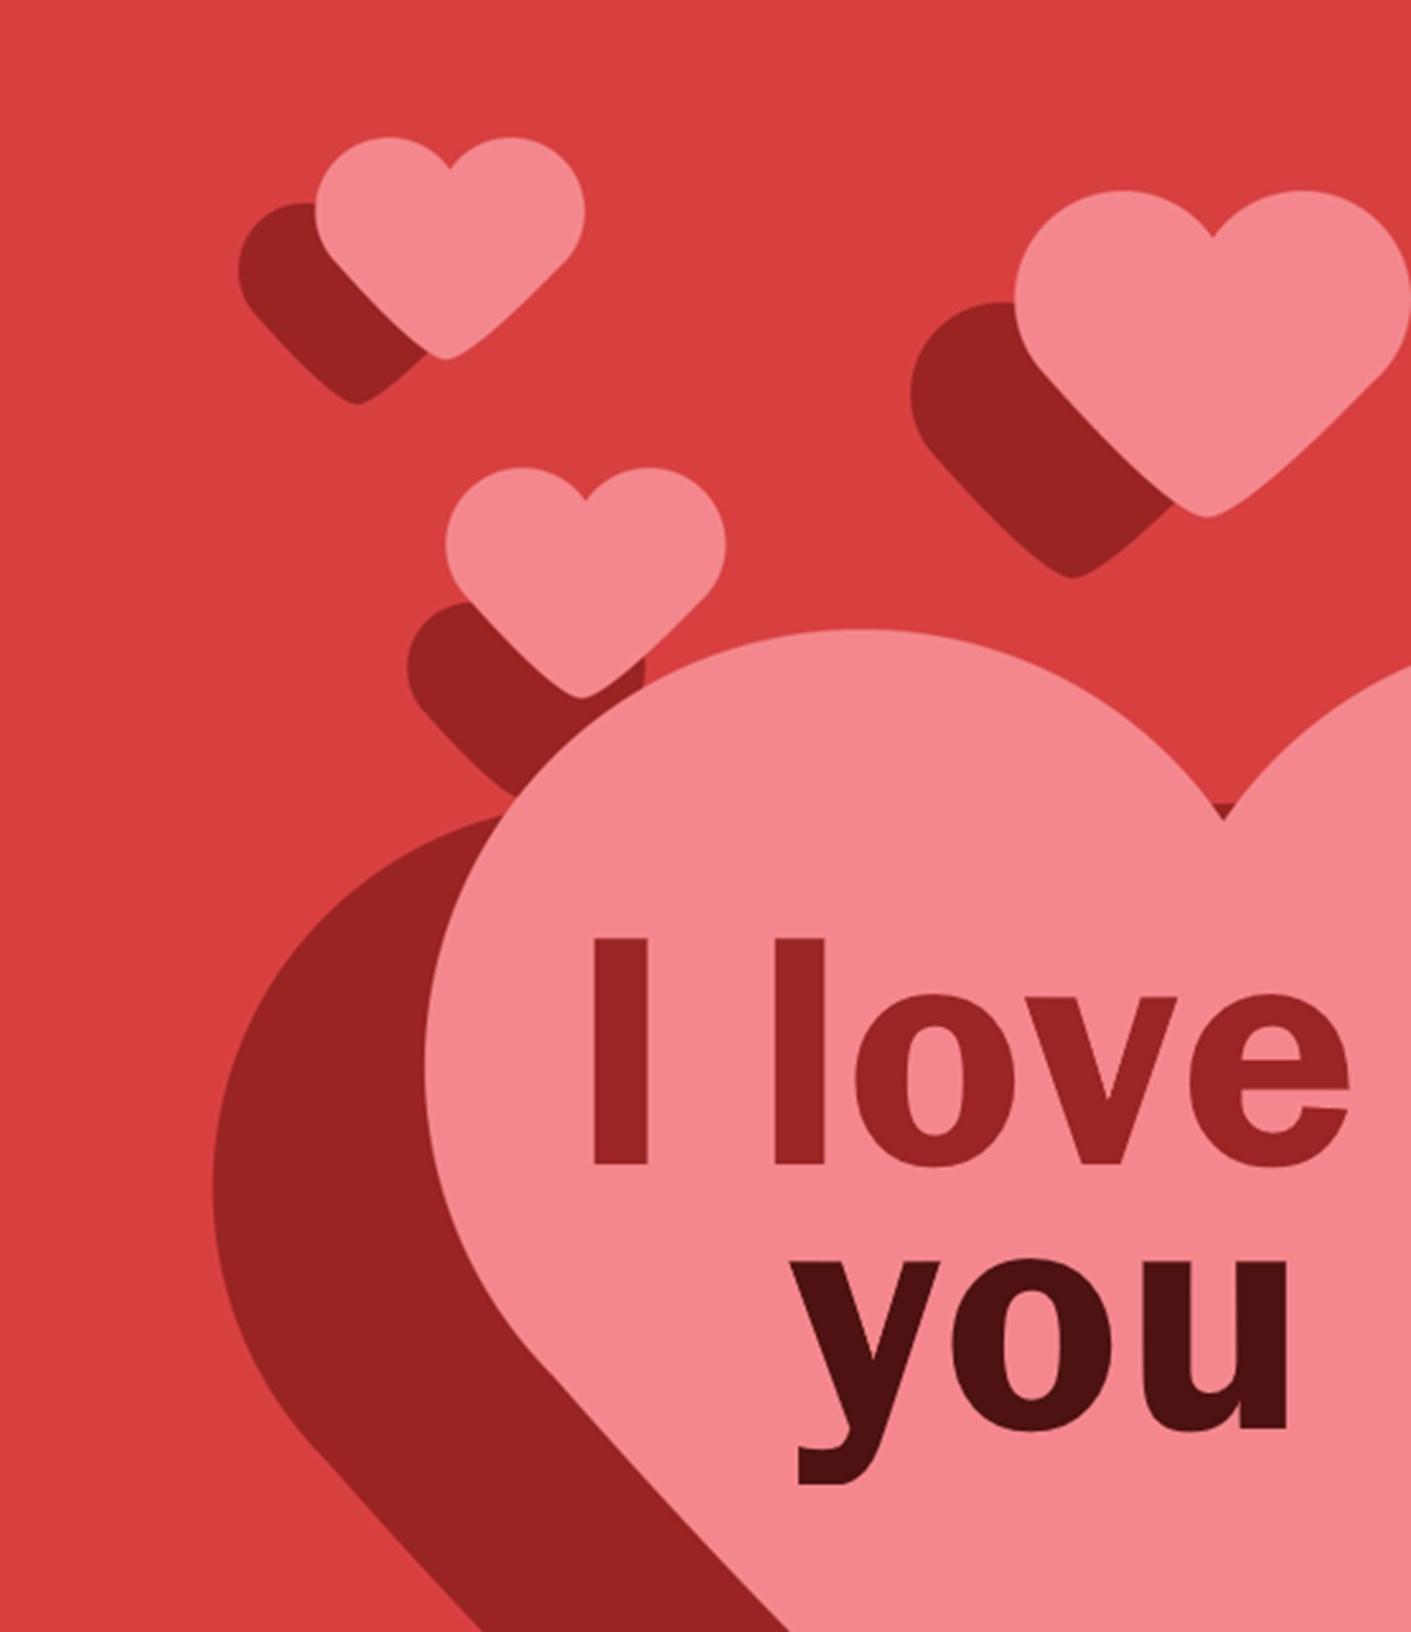 Ảnh I Love You đẹp